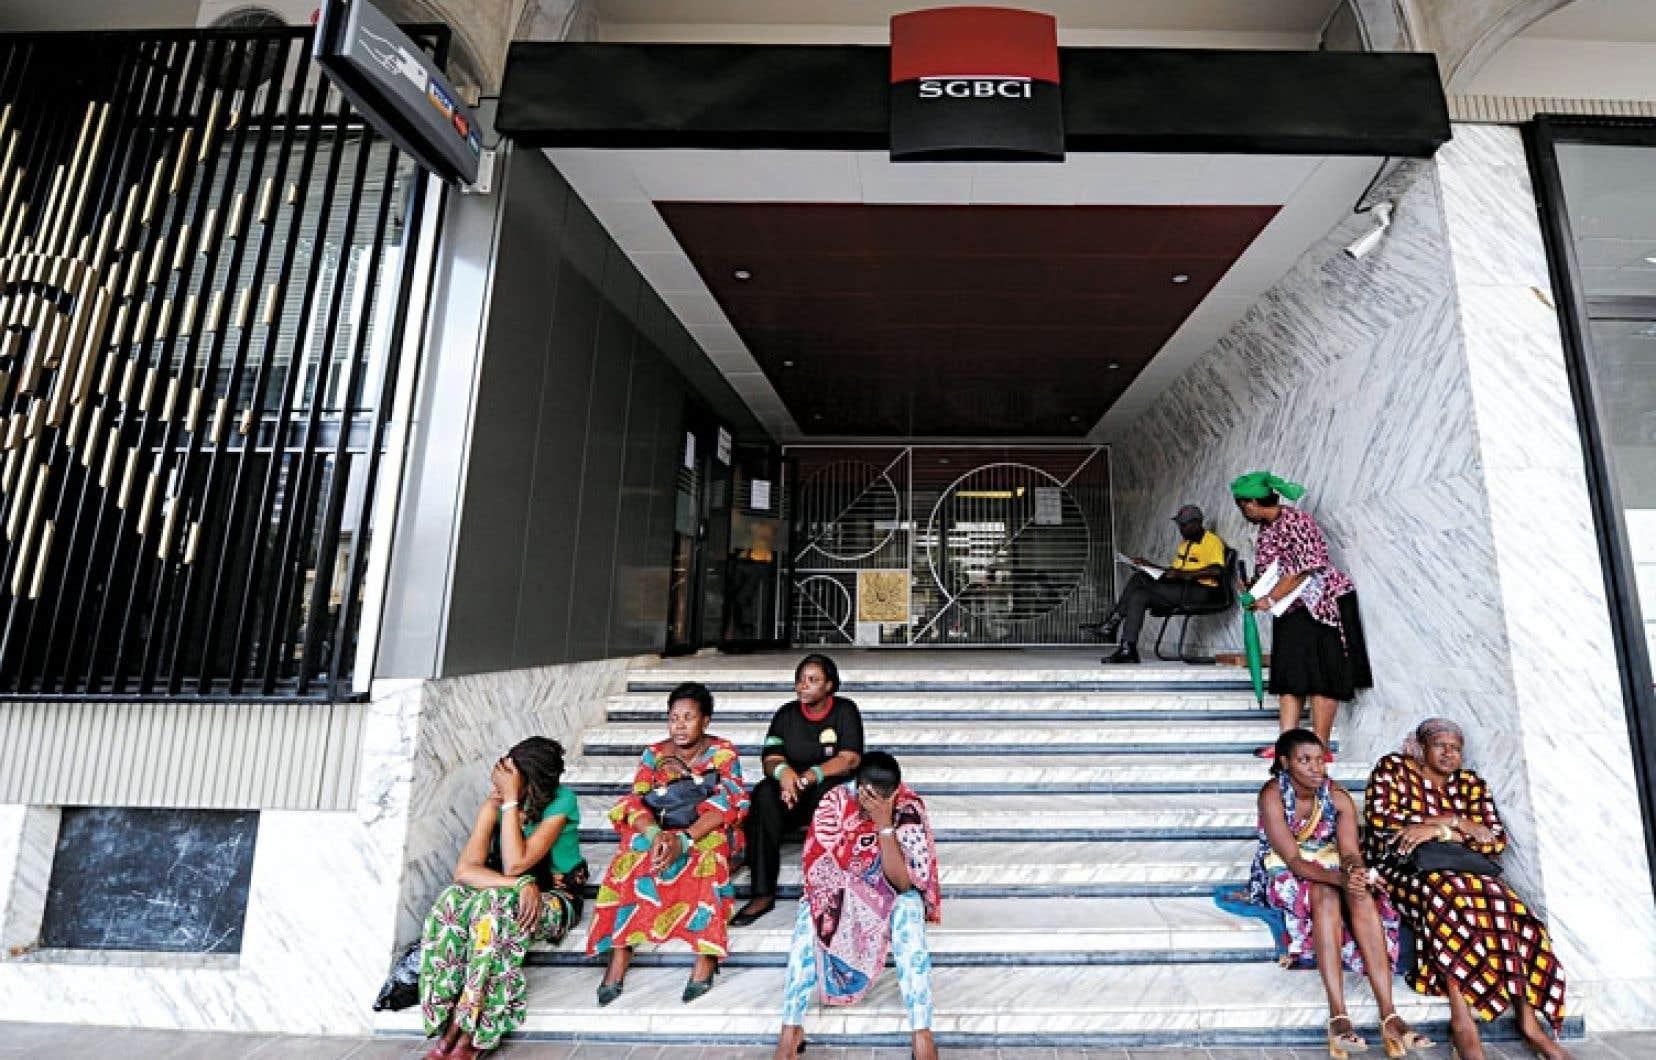 Des employées d'une banque en Côte d'Ivoire. Ce n'est que depuis cette année que les femmes de ce pays peuvent travailler sans devoir obtenir l'autorisation de leur époux.